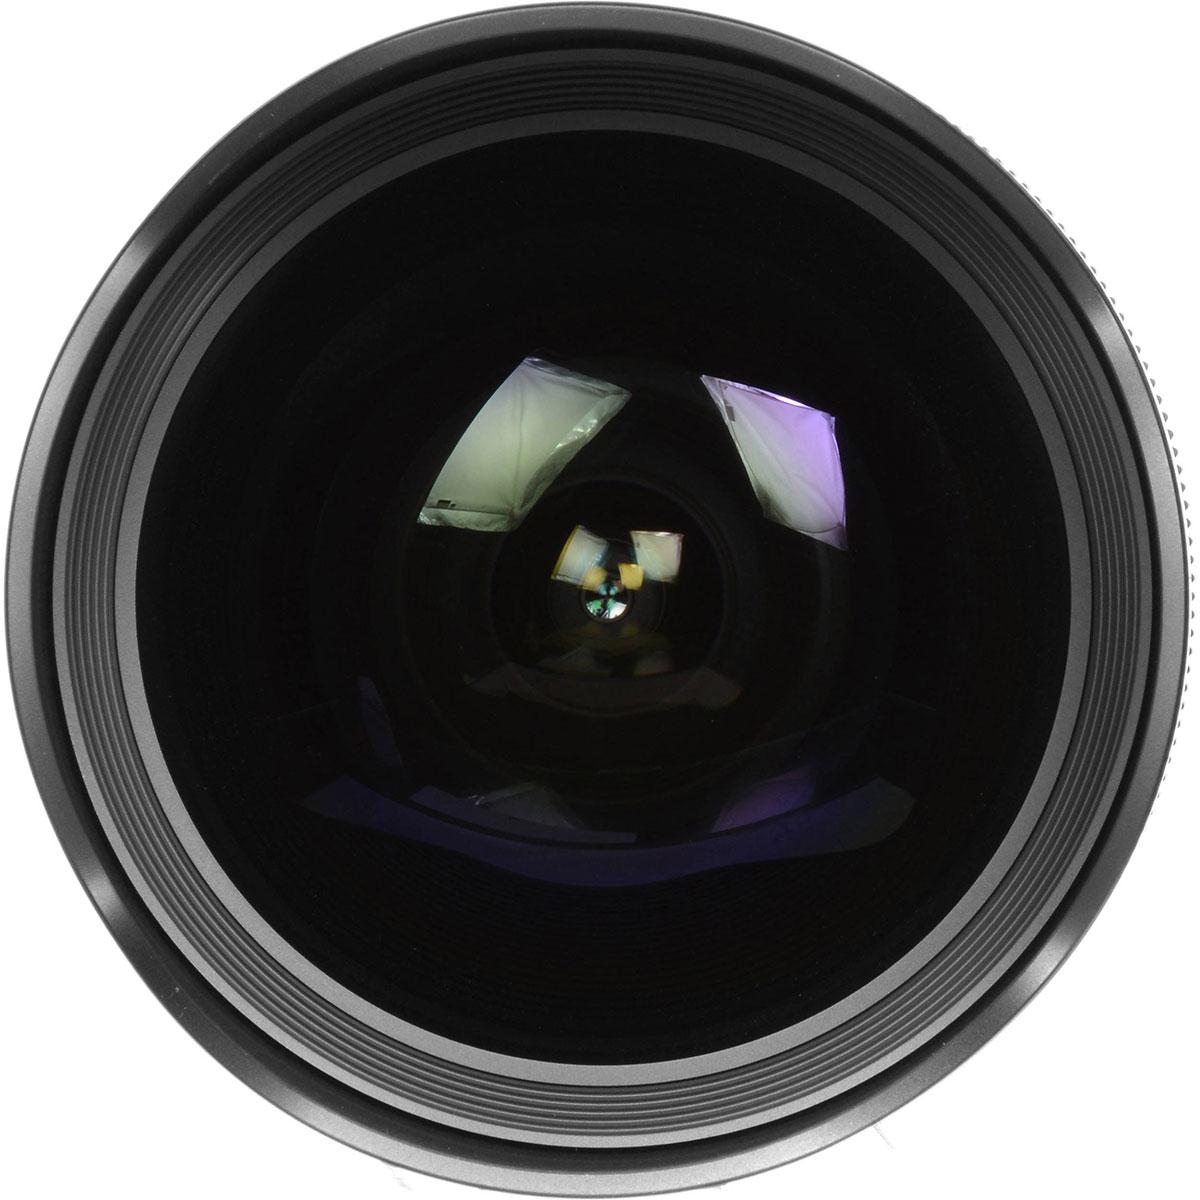 لنز سیگما 24-12 میلیمتر مدل f/4 DG مناسب برای دوربین نیکون